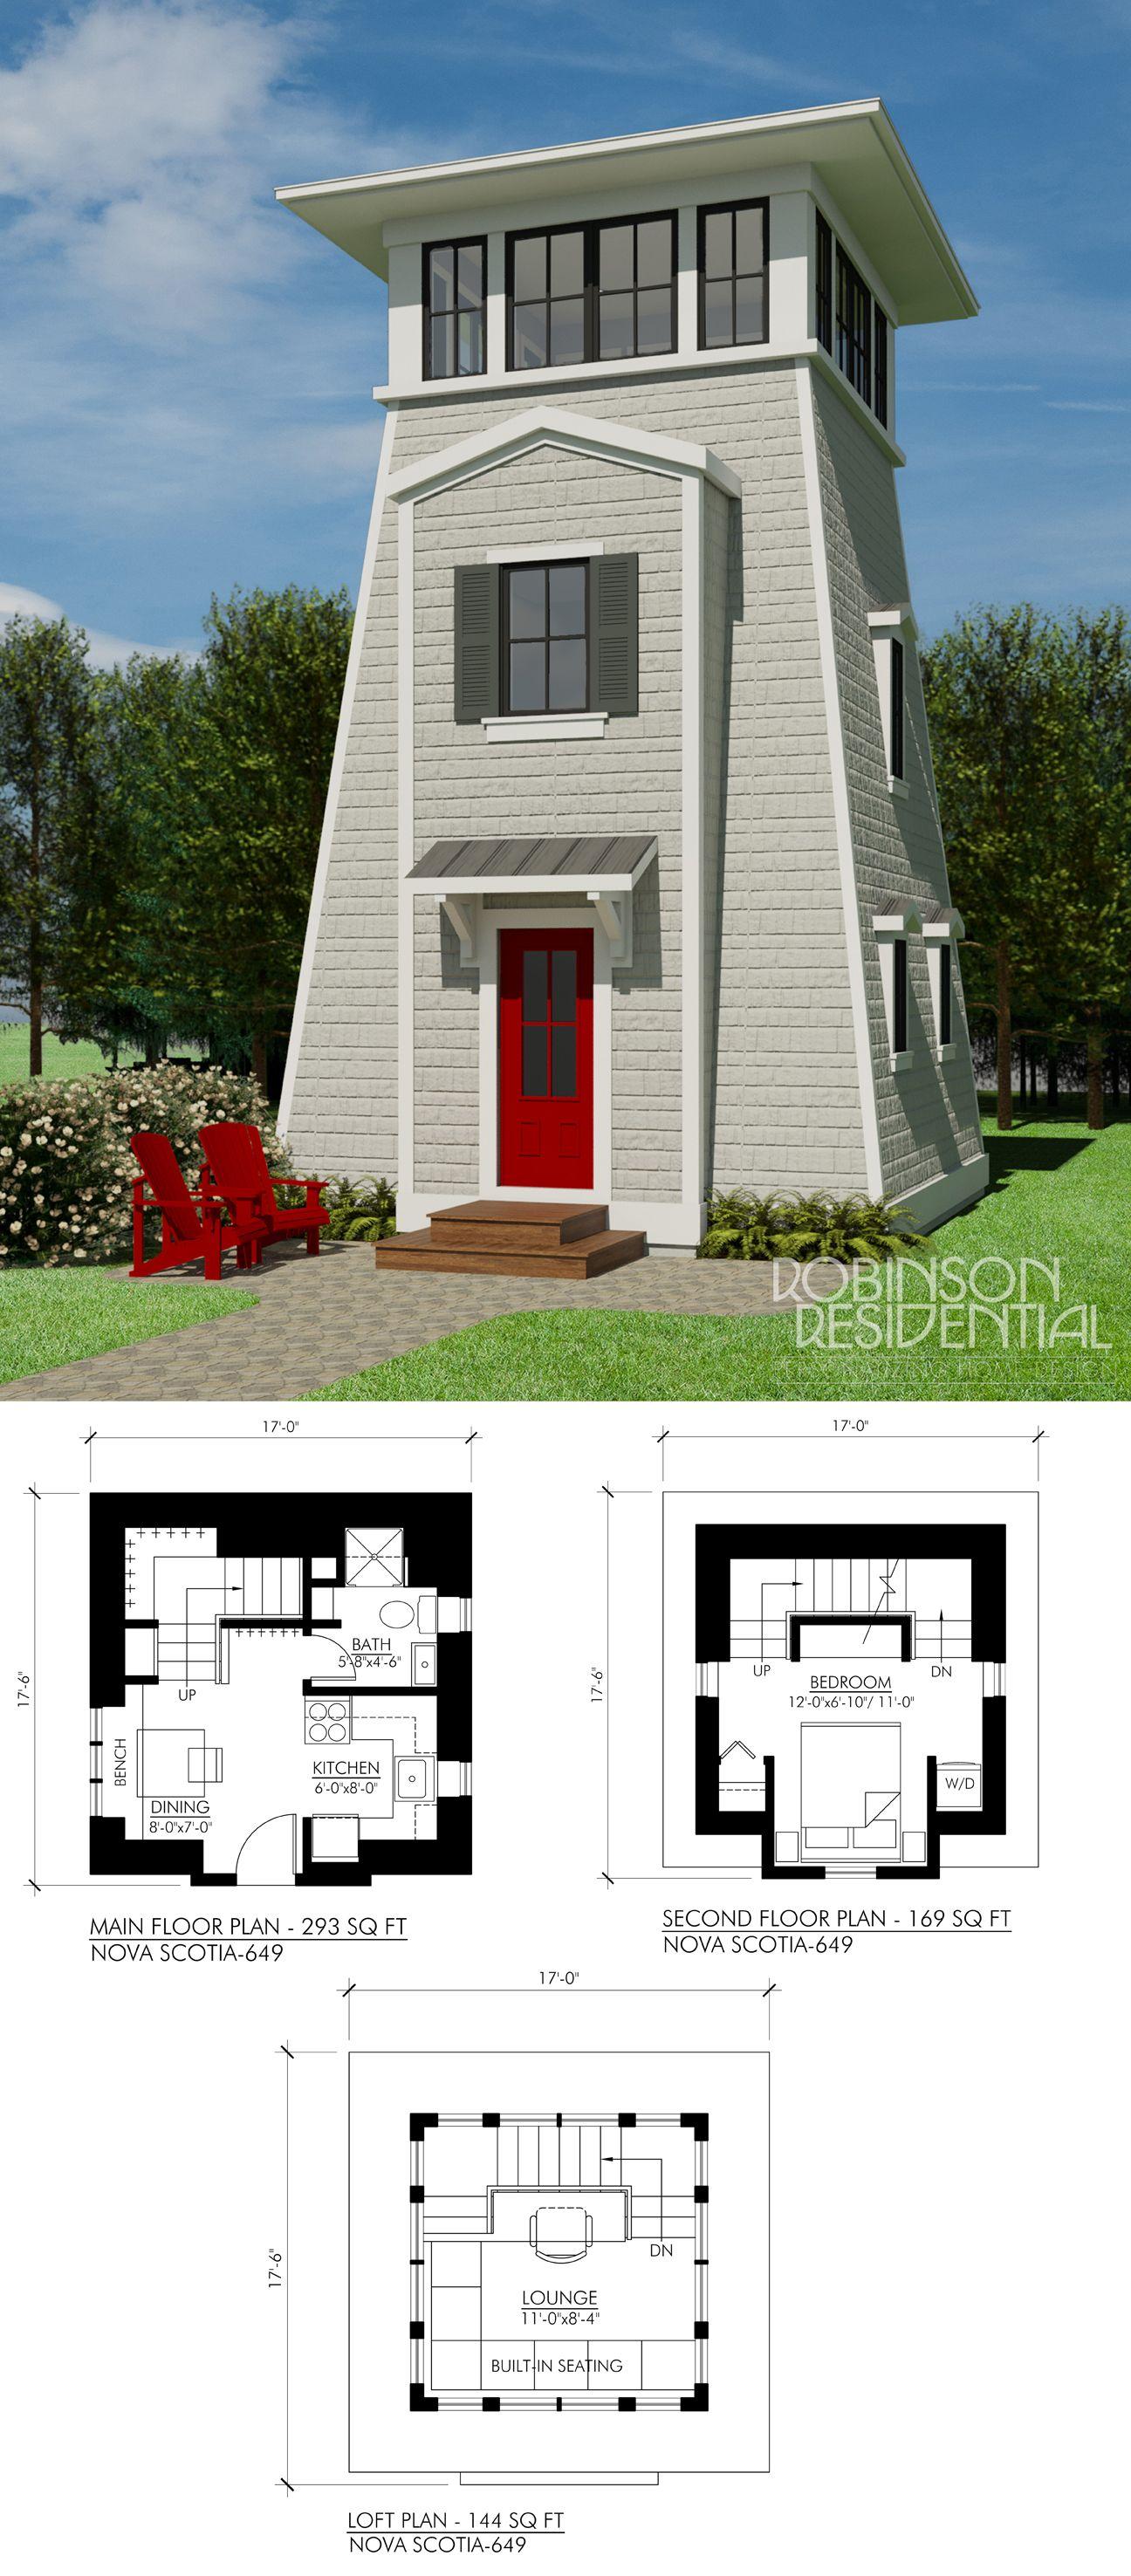 Log home builders nova scotia - Nova Scotia 649